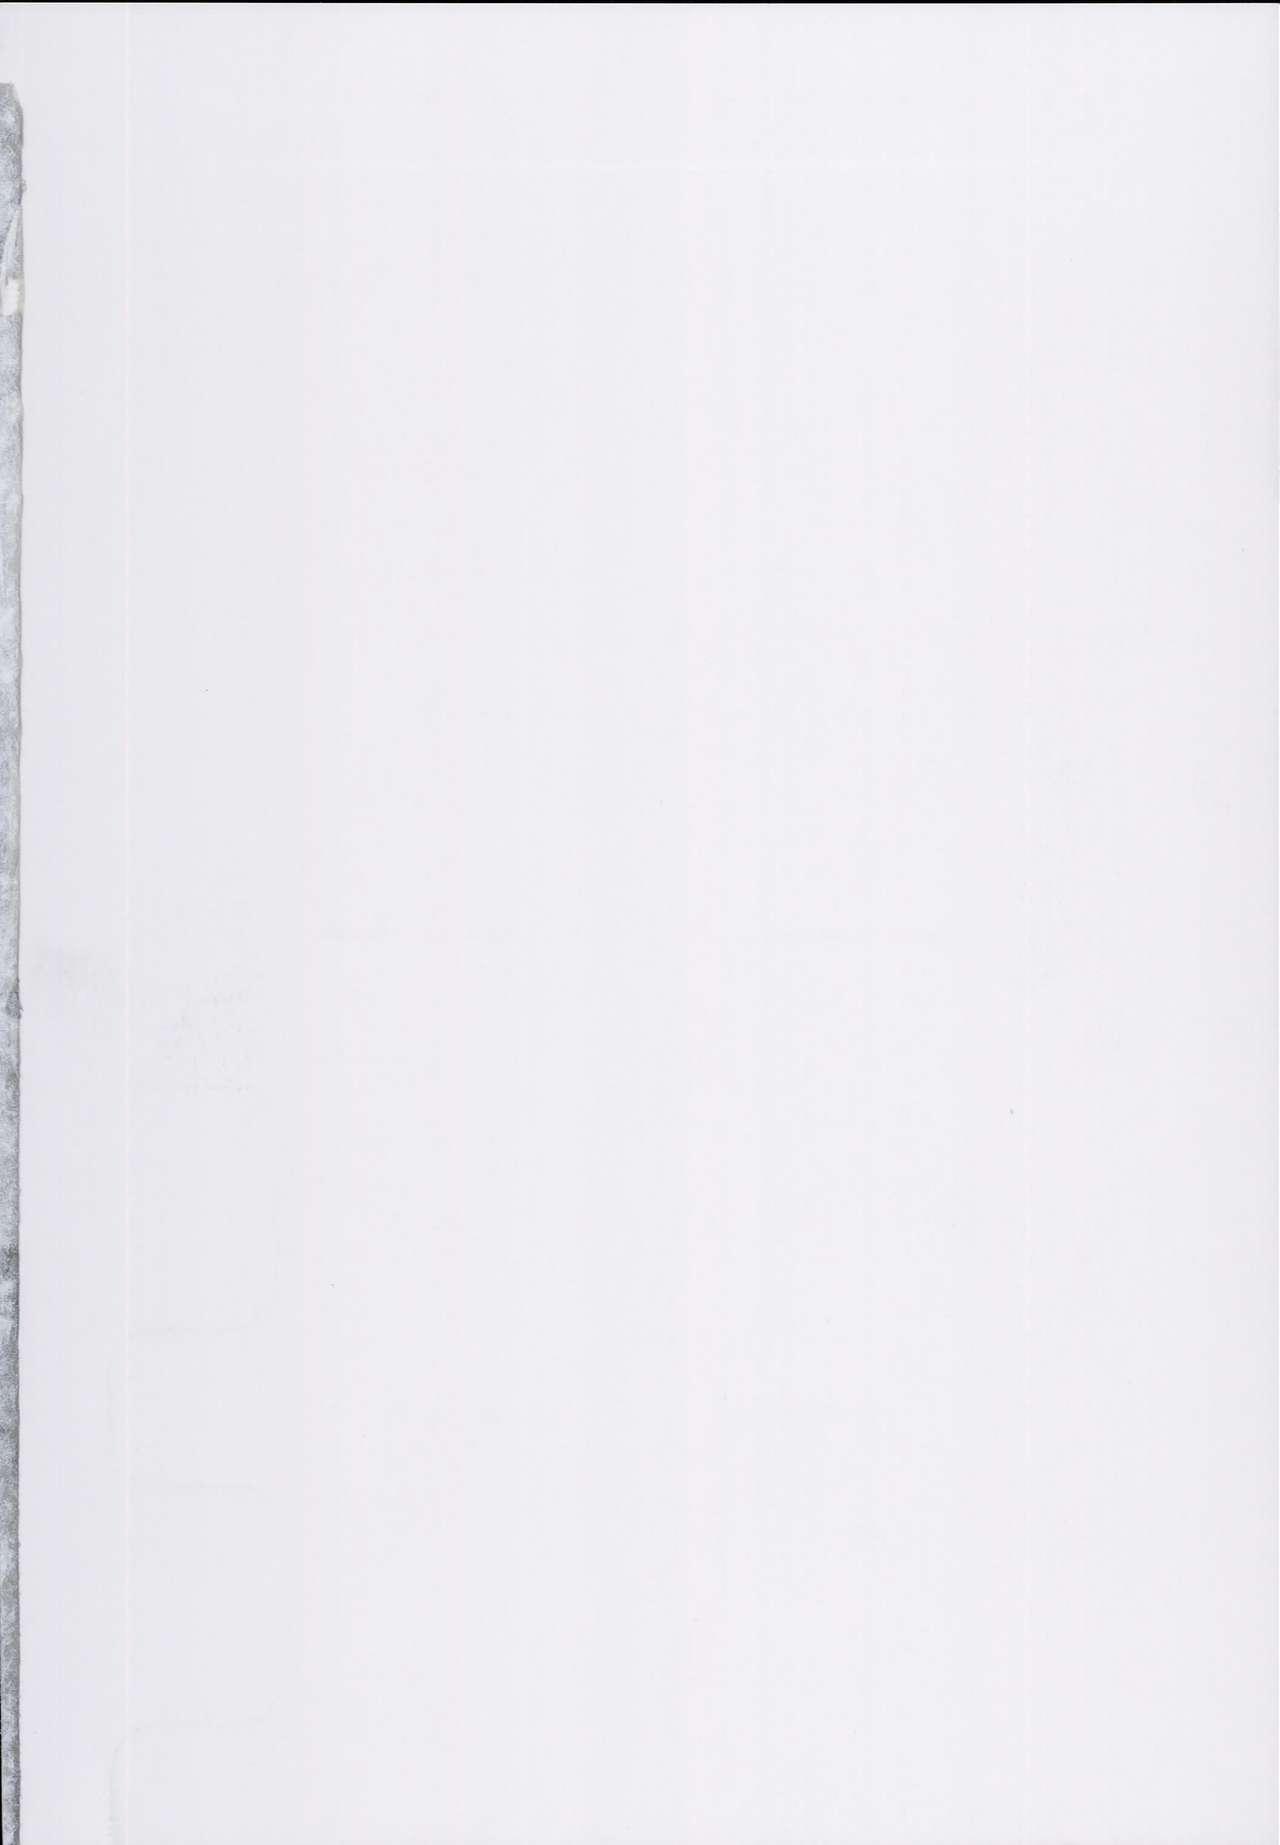 (C93) [nul_Neverland (Navier Haruka 2T)] Deli Succu!! -DeliHeal Yondara Succubus ga Kita Repo- | Delivery Succu!! - A report on ordering succubus escorts [English] [573] 1